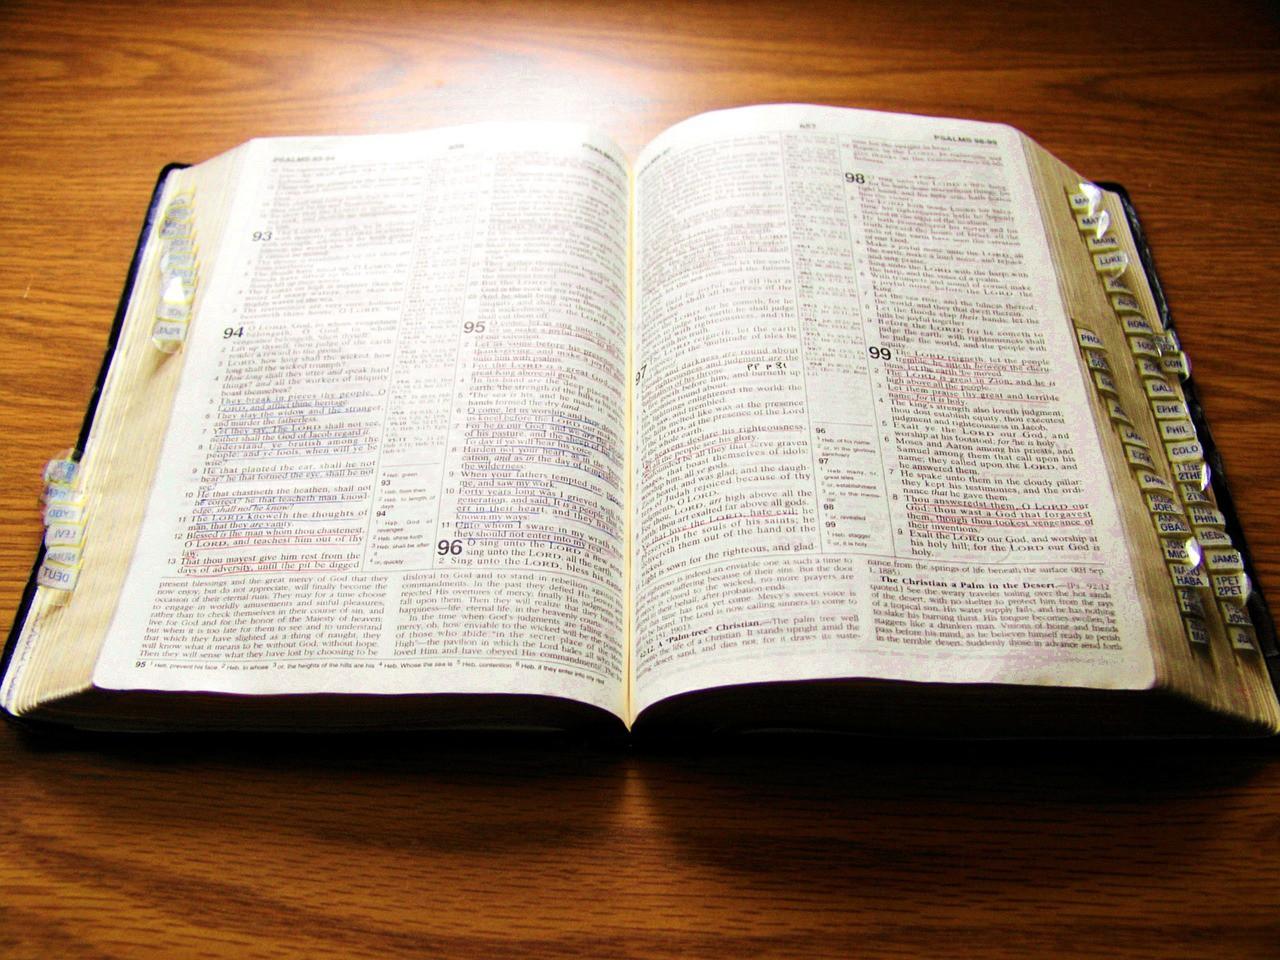 bible-879071_1280.jpg